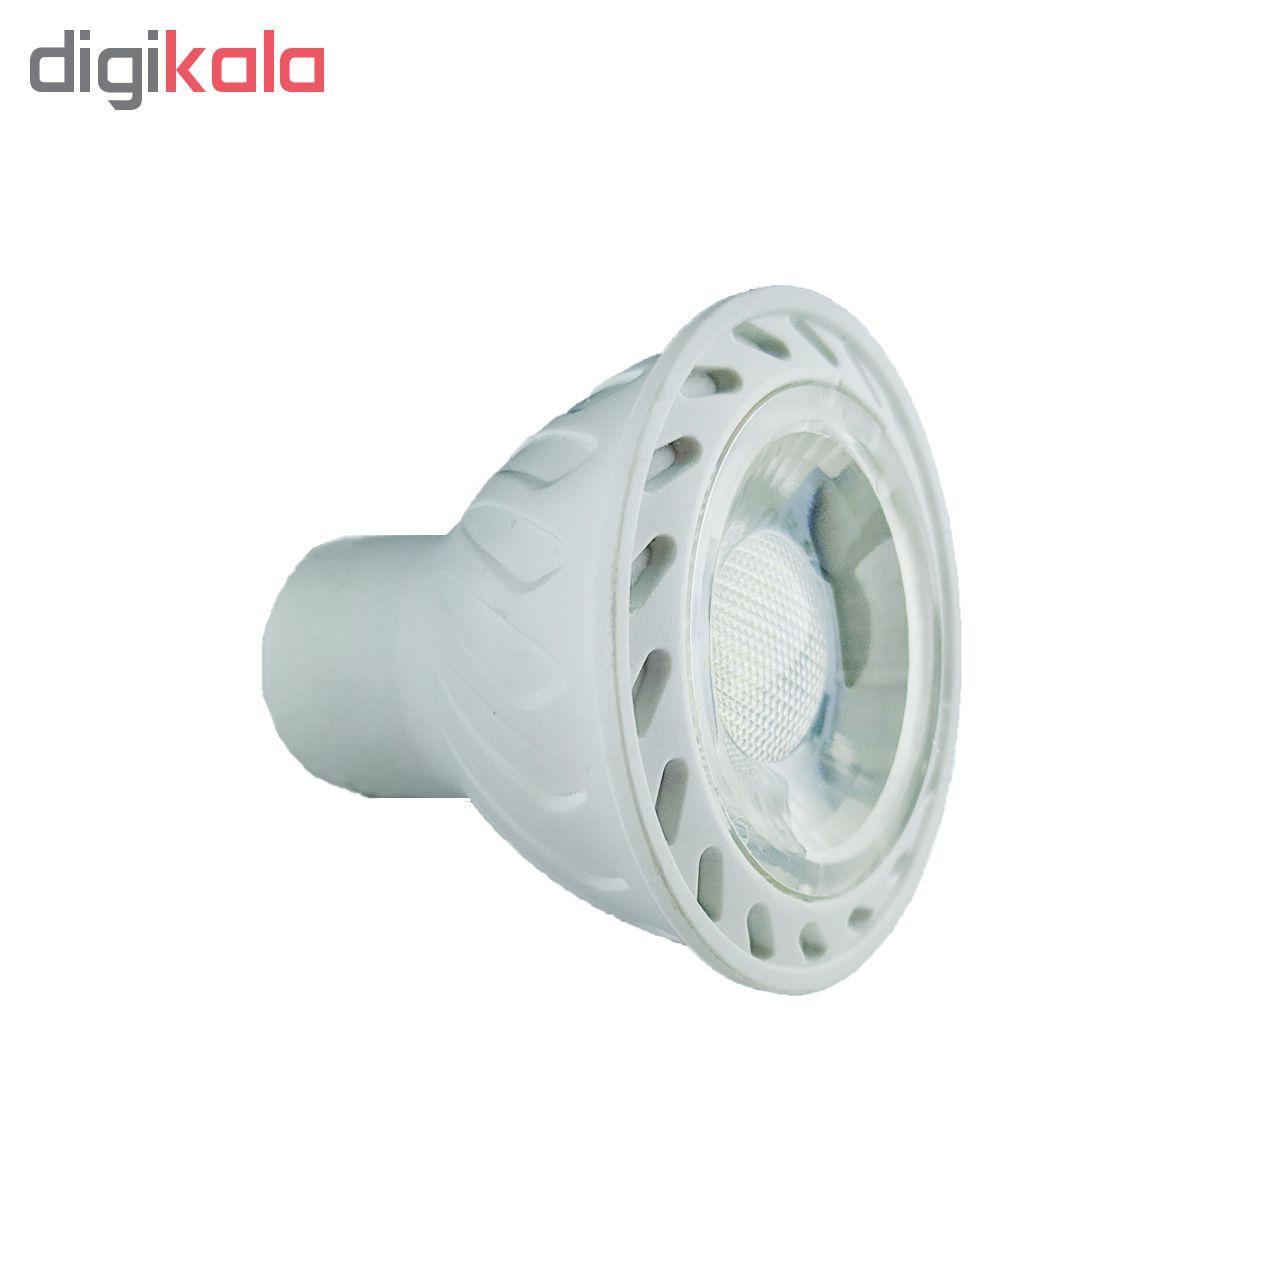 لامپ هالوژن 7 وات مدل AKH01 پایه GU5.3 main 1 2